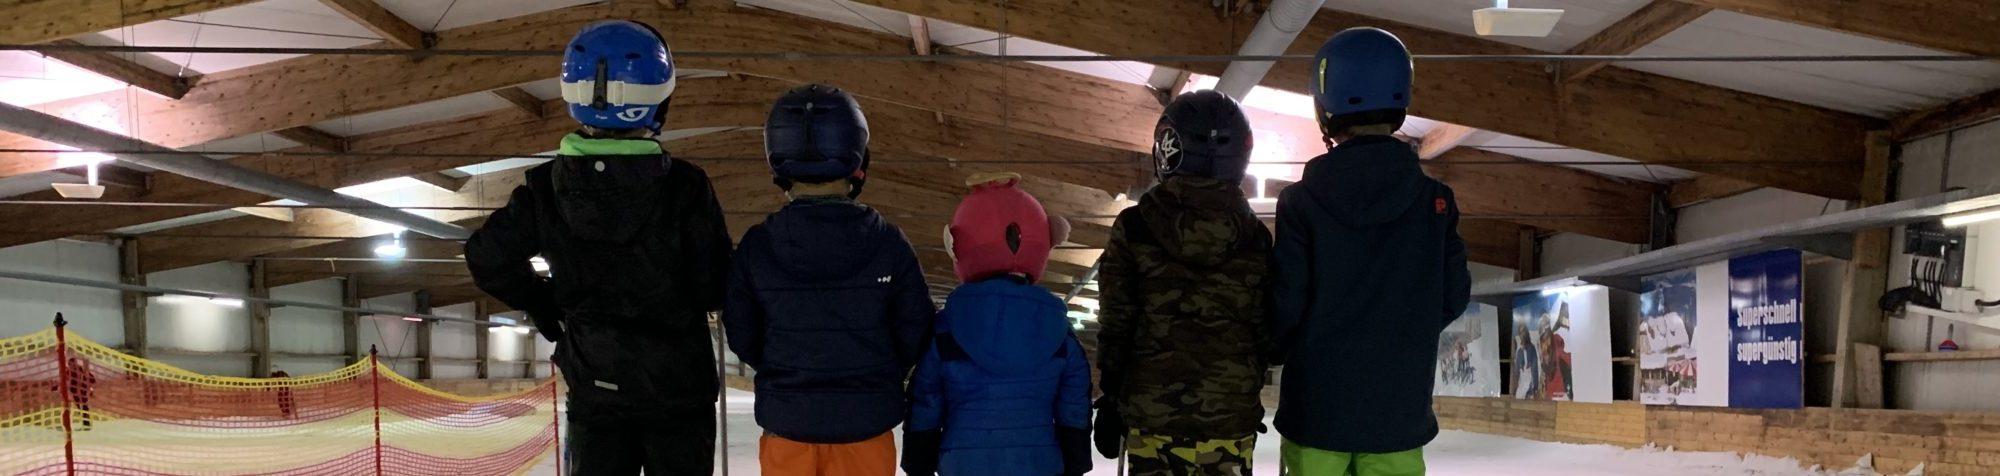 Kinderfeest Kyan Indoor skien Bottrop skihal